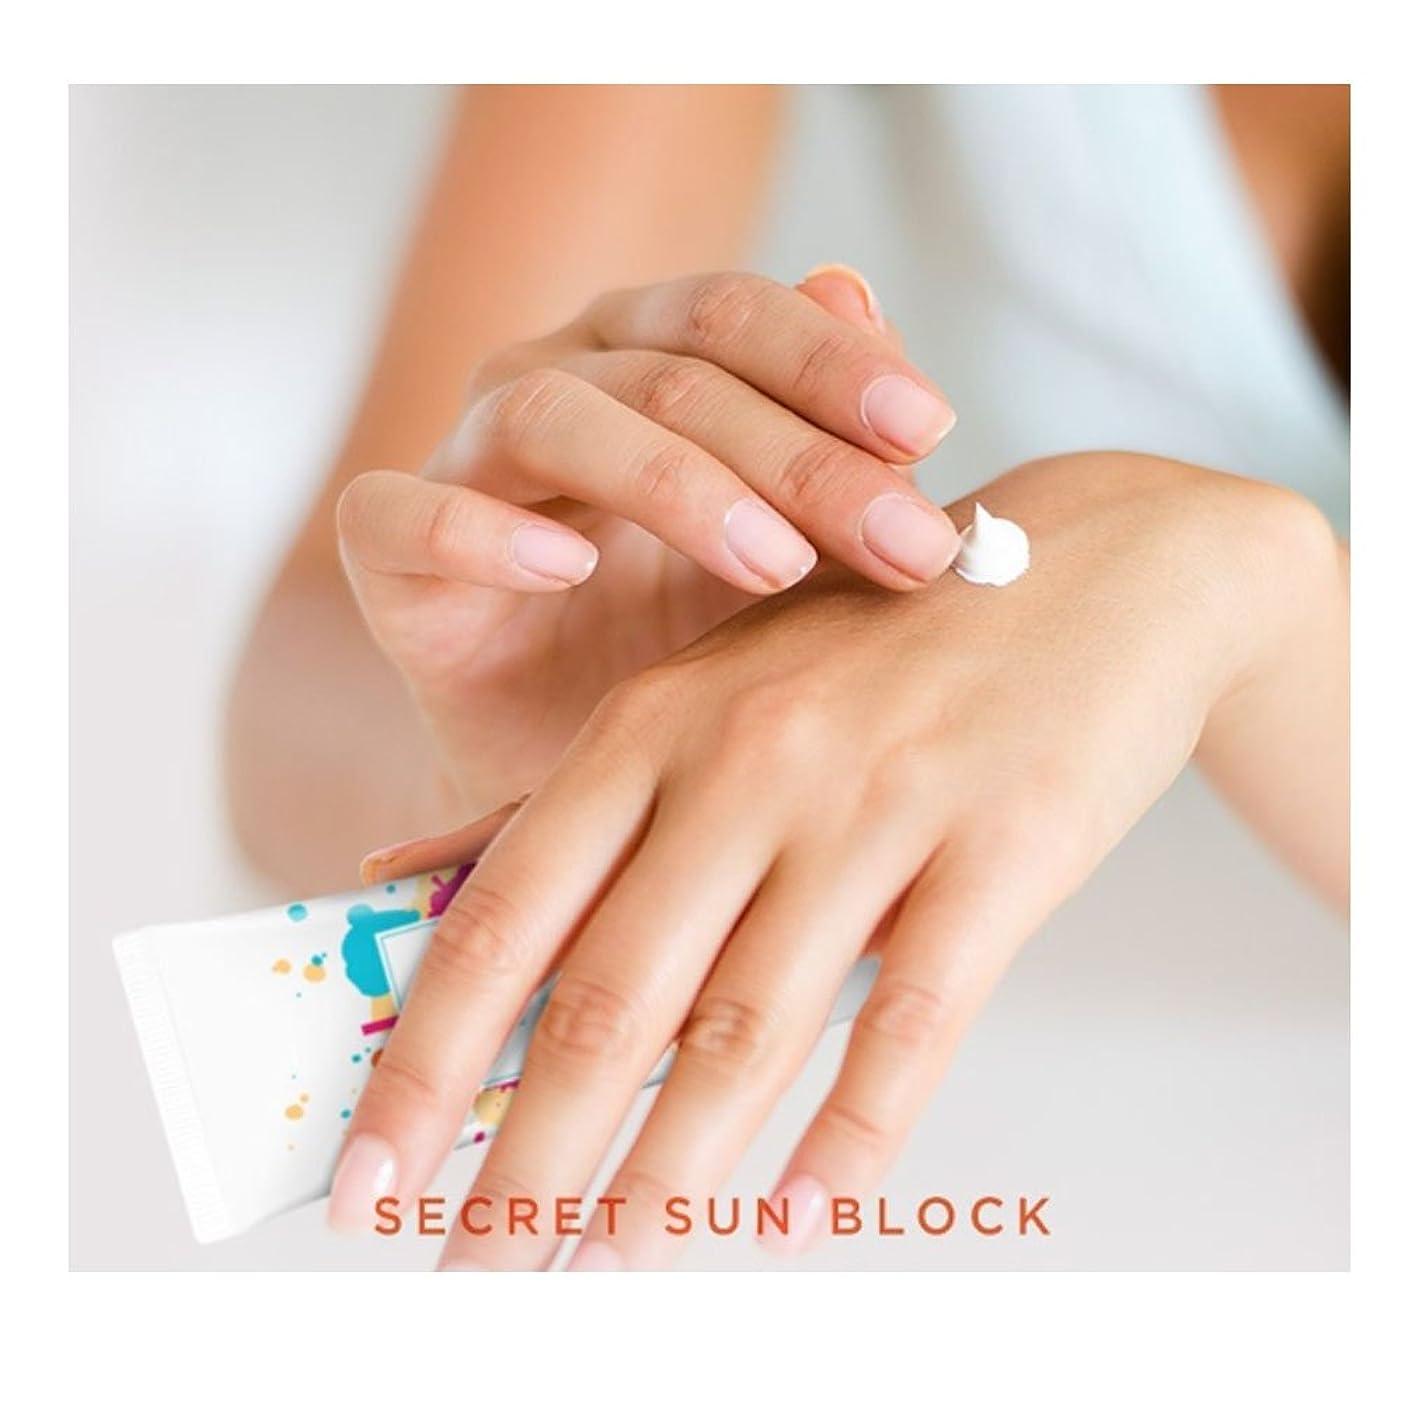 困惑経歴ネックレスボンツリーベリー?エッセンス?サンブルロク(SPF50+/PA+++) 50ml x 2本セット サンクリーム 韓国コスメ, Borntree Berry Essence Sun Block (SPF50+/PA+++) 50ml x 2ea Set Sun Cream Korean Cosmetics [並行輸入品]